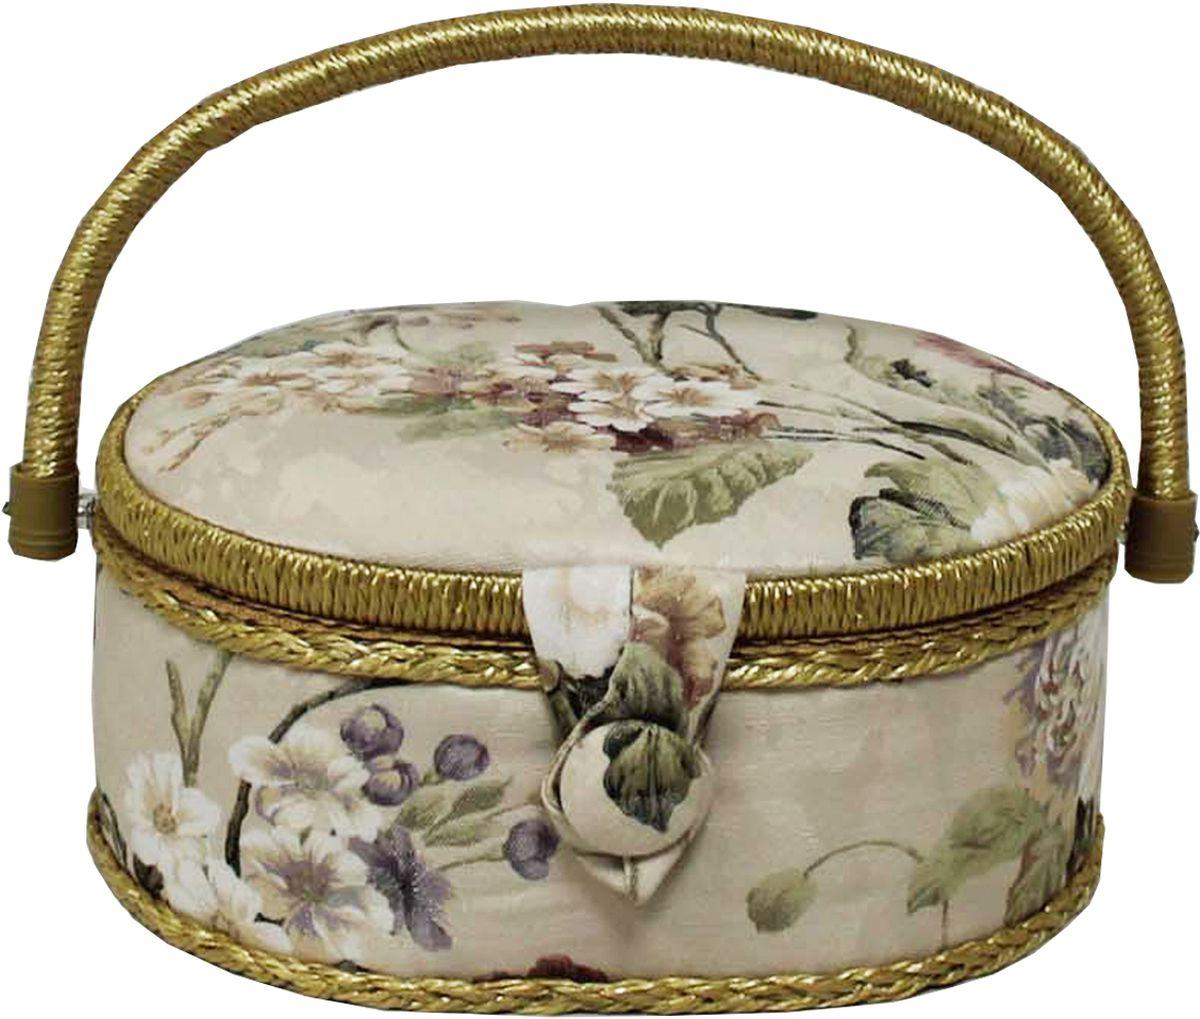 Шкатулка для рукоделия Grace & Glamour, 18 х 23 х 11 см. BN4726 шкатулка для рукоделия rto с вкладышем 23 х 23 х 14 см